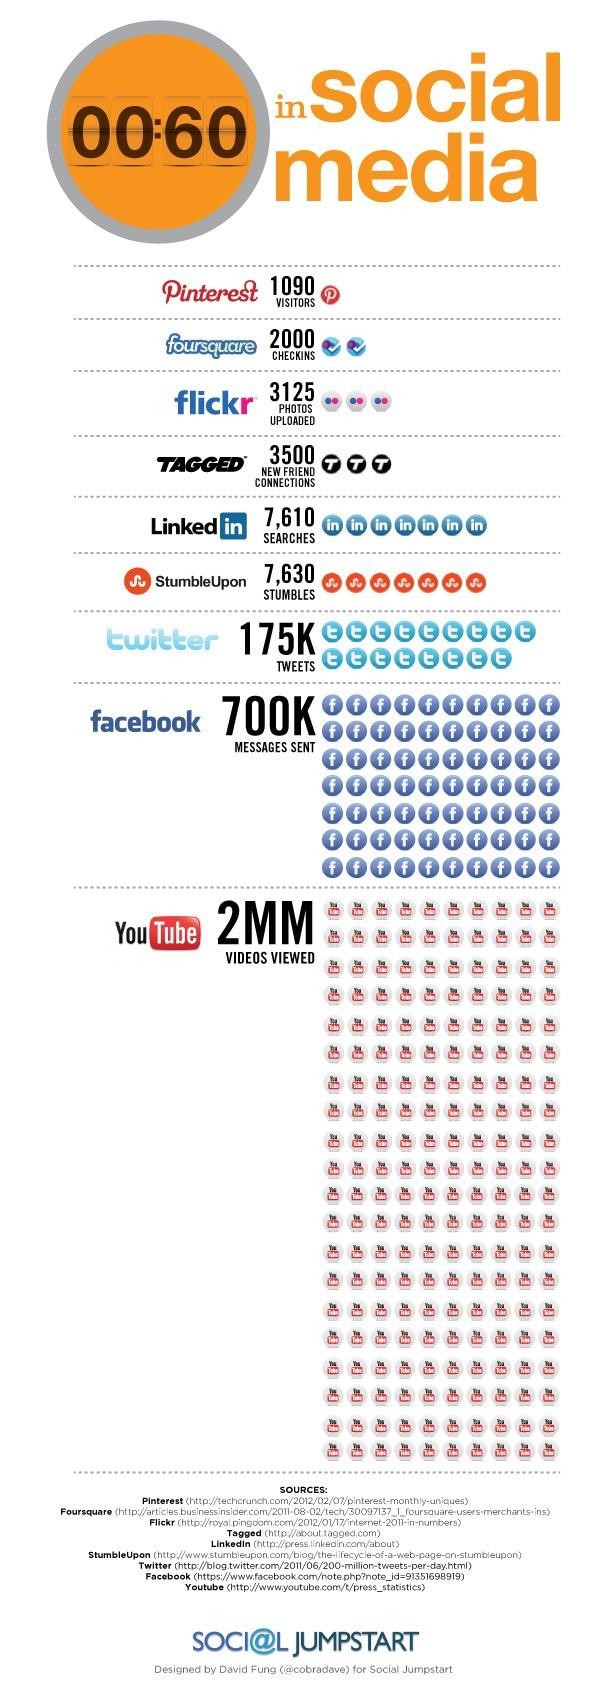 en 1 minute sur les réseaux sociaux